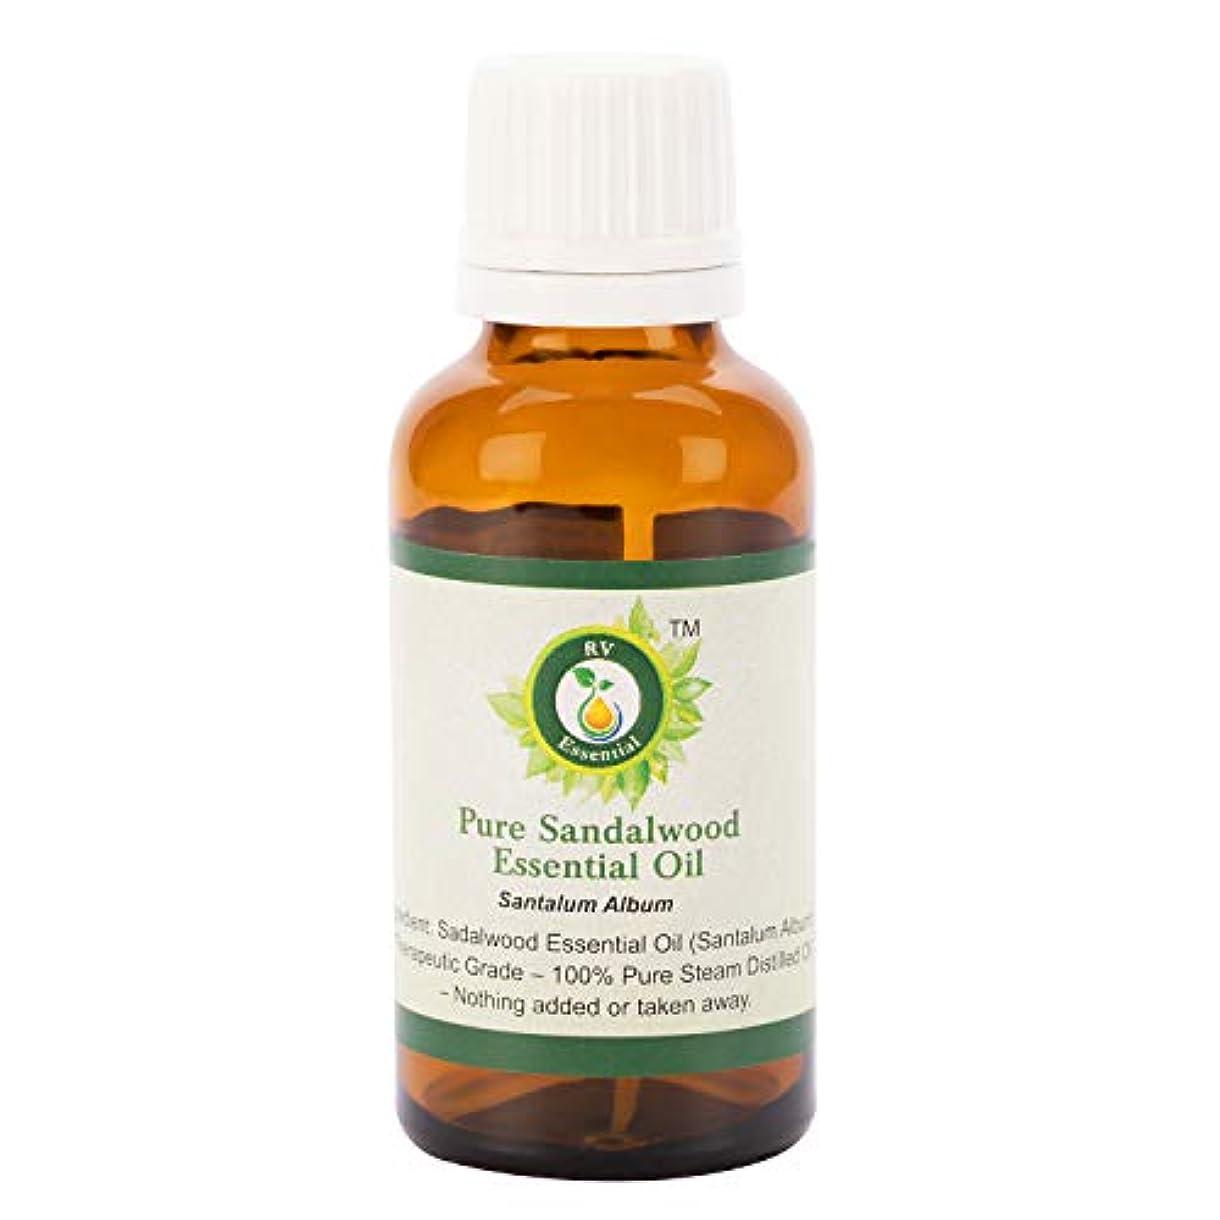 宿命衝突立派なピュアサンダルウッドエッセンシャルオイル100ml (3.38oz)- Santalum Album (100%純粋&天然スチームDistilled) Pure Sandalwood Essential Oil